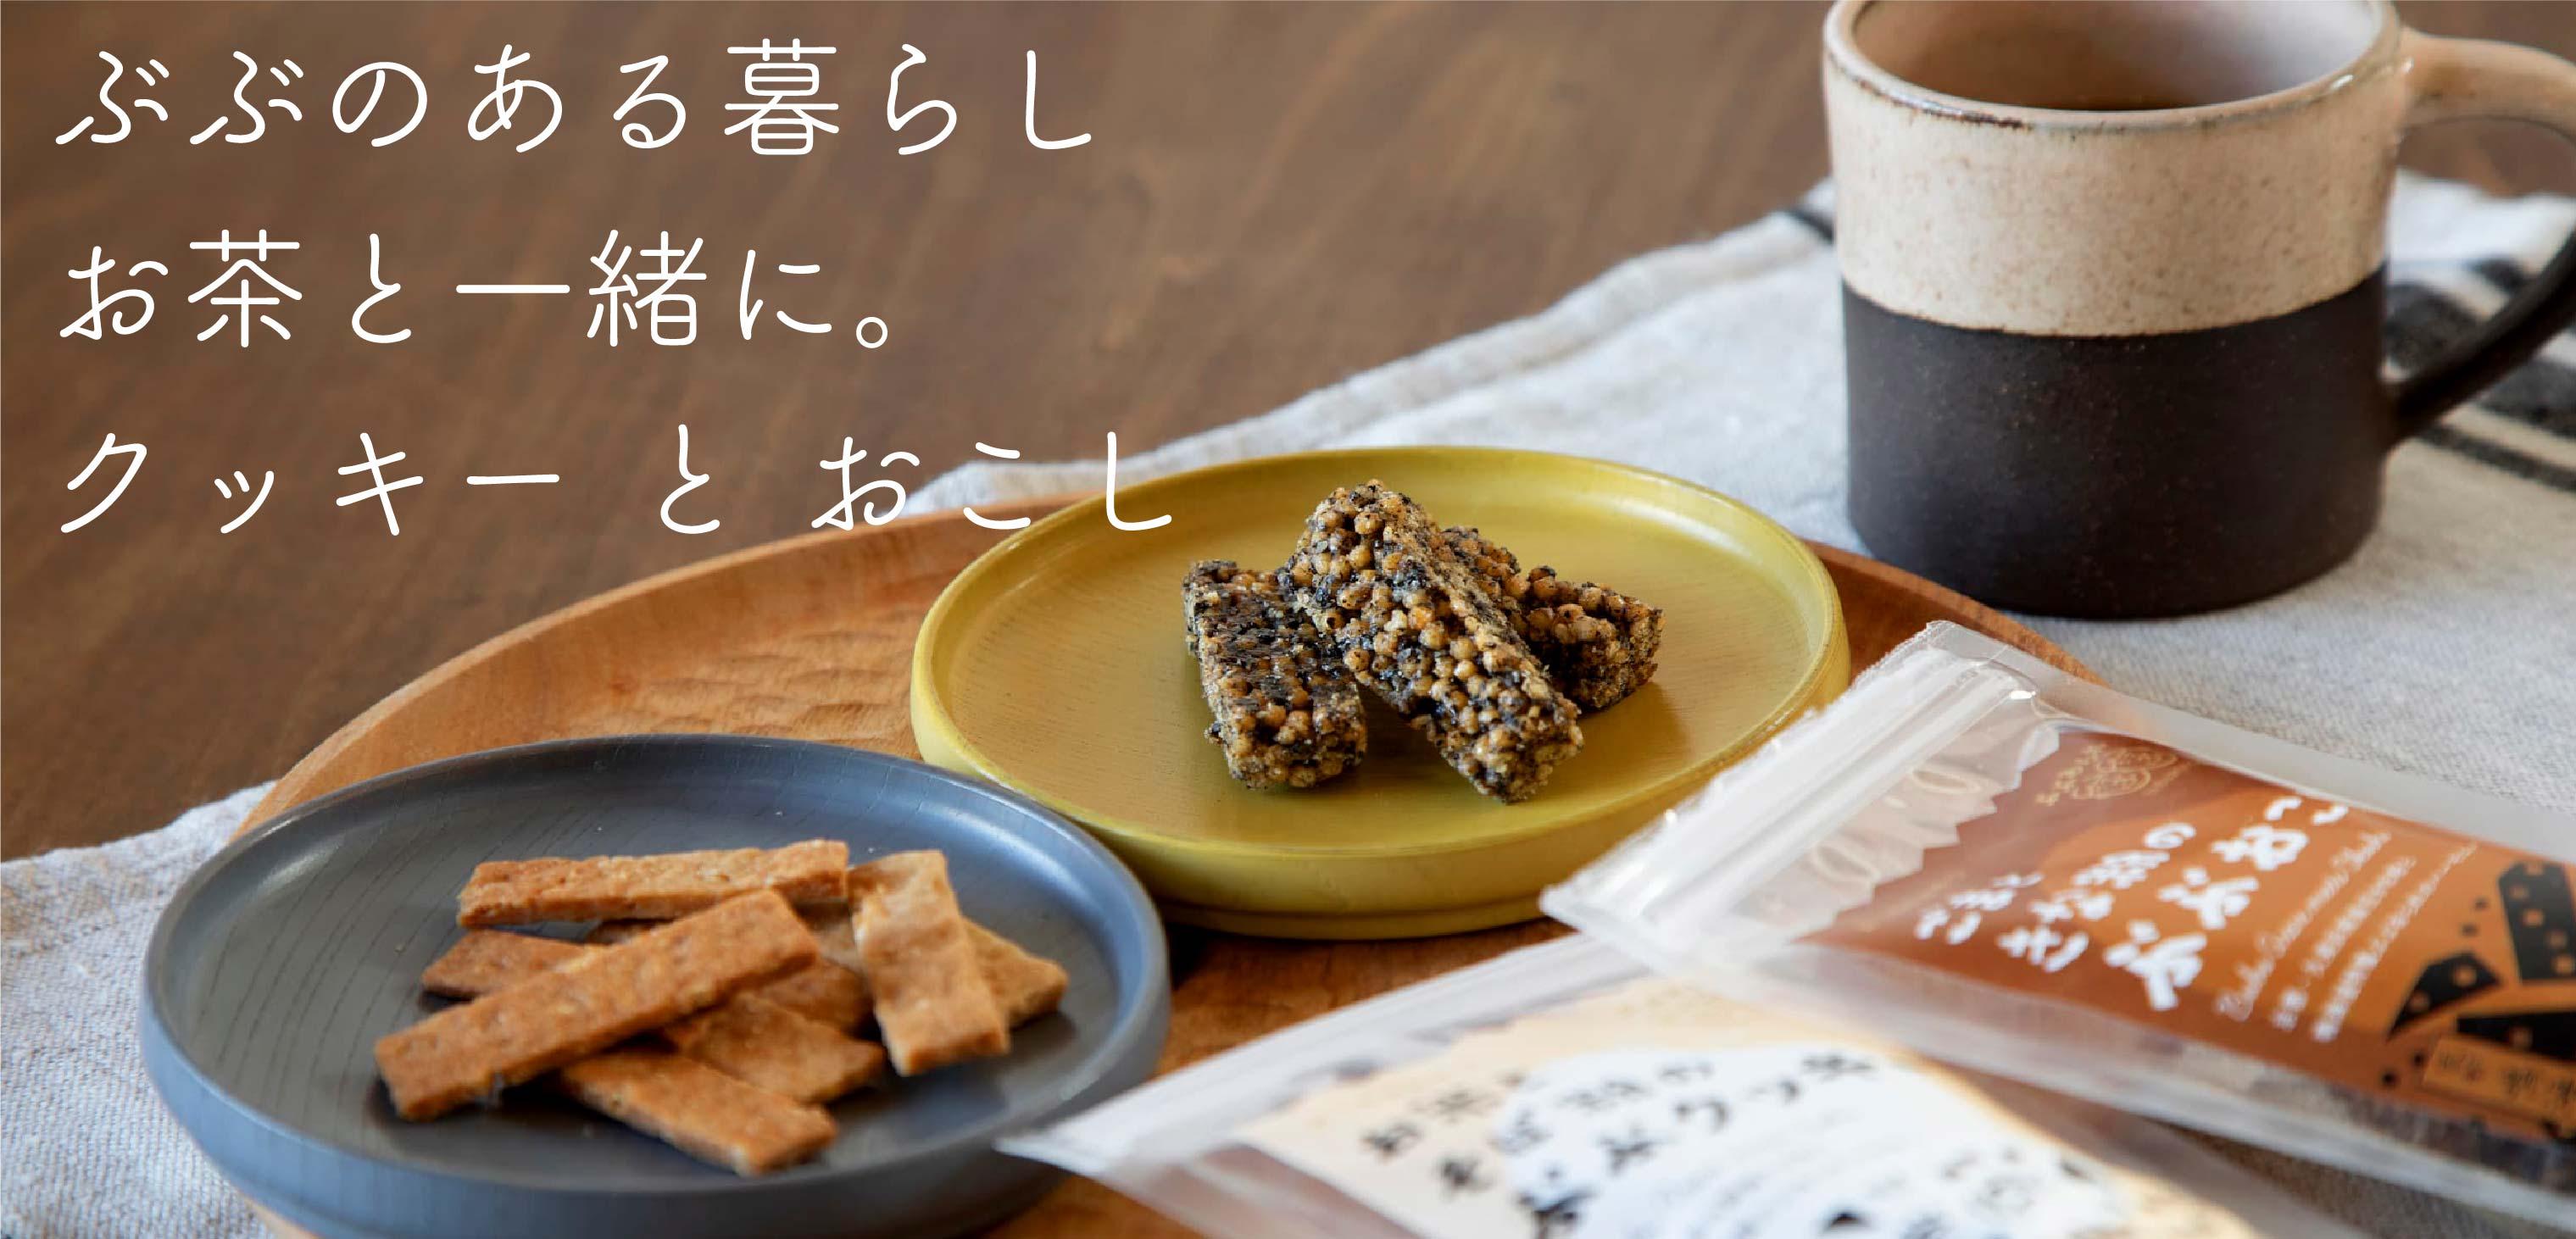 鳴海屋  あられ おかき 米 餅 和菓子 クッキー おこし  京都 お土産